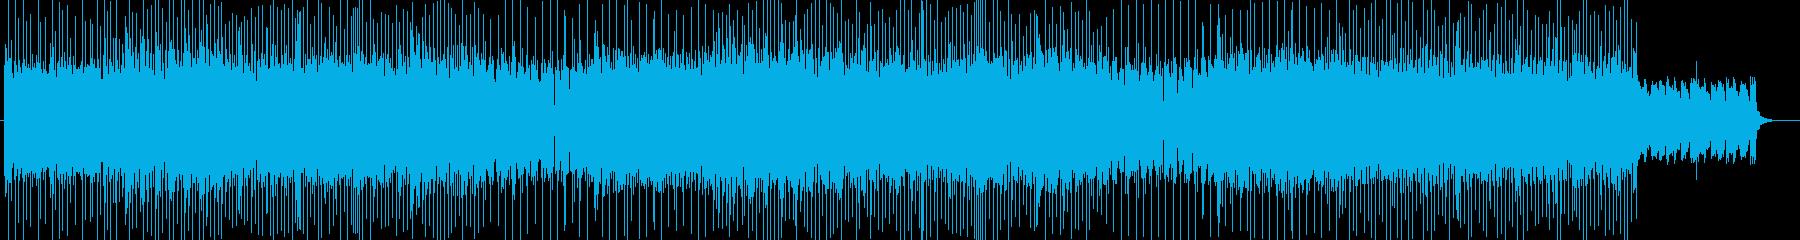 「HR/HM」「POWER」BGM275の再生済みの波形